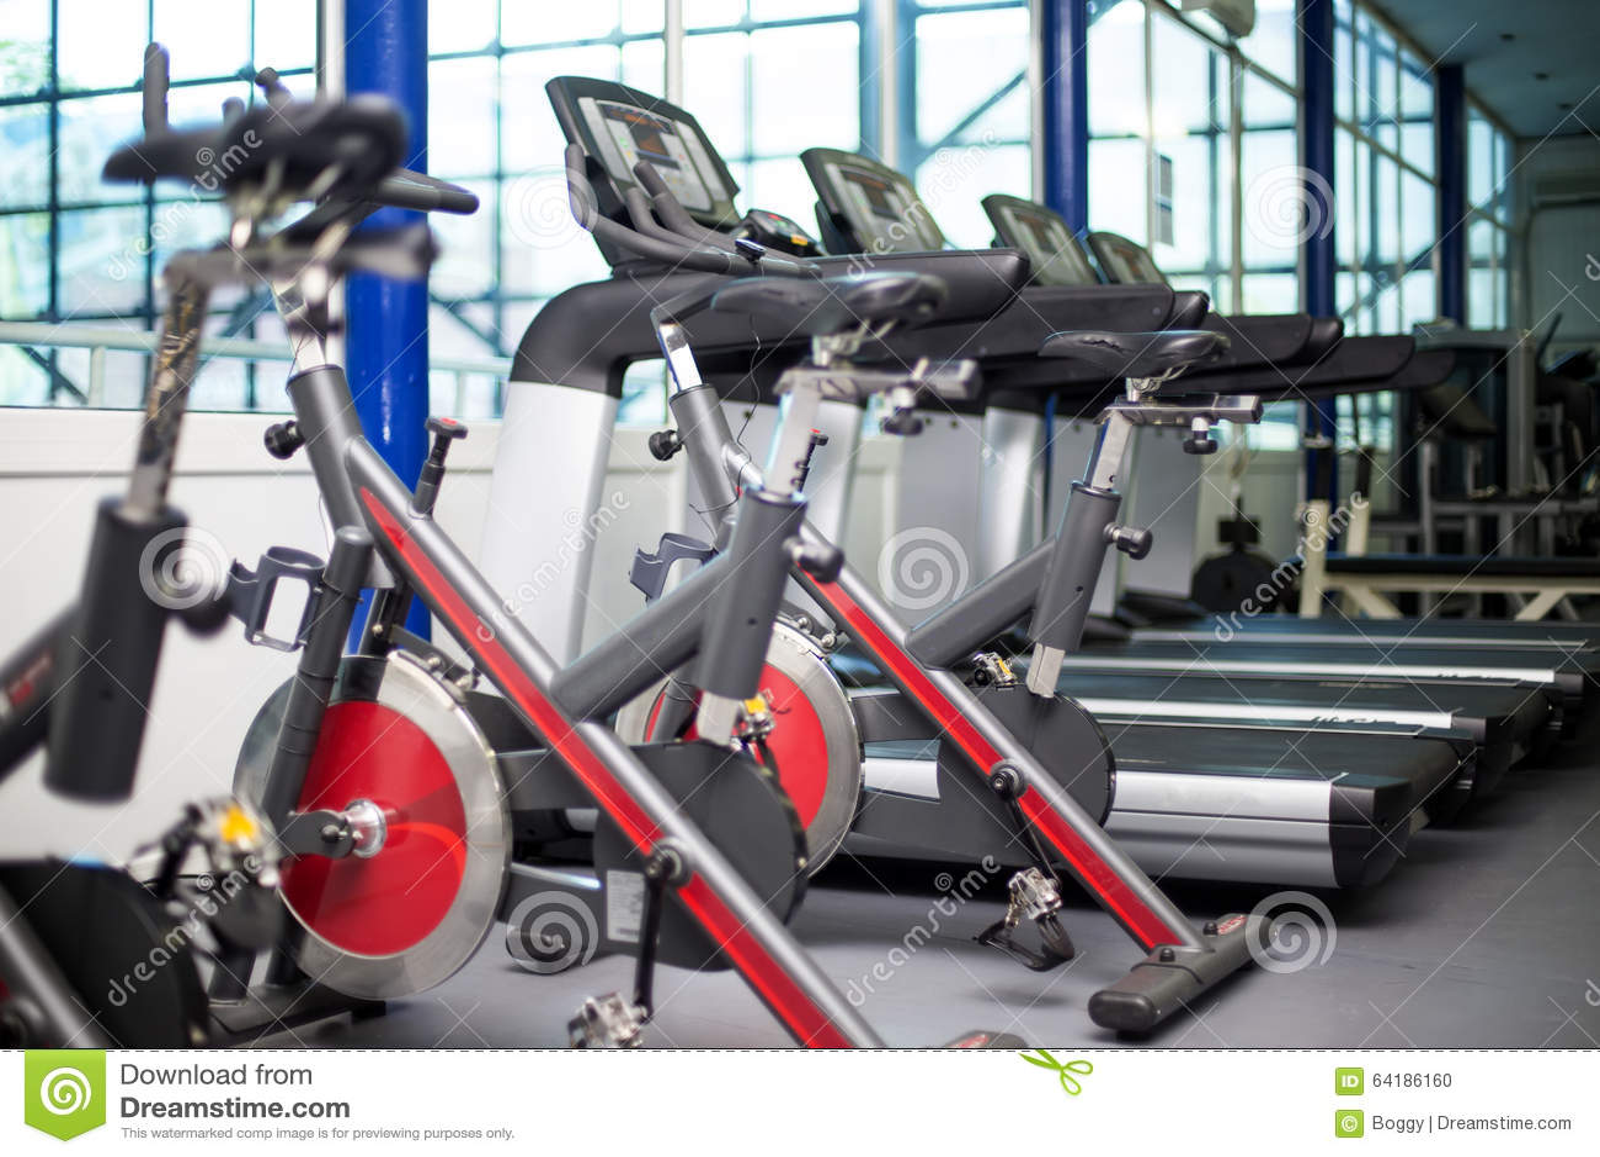 Bicis en el gimnasio